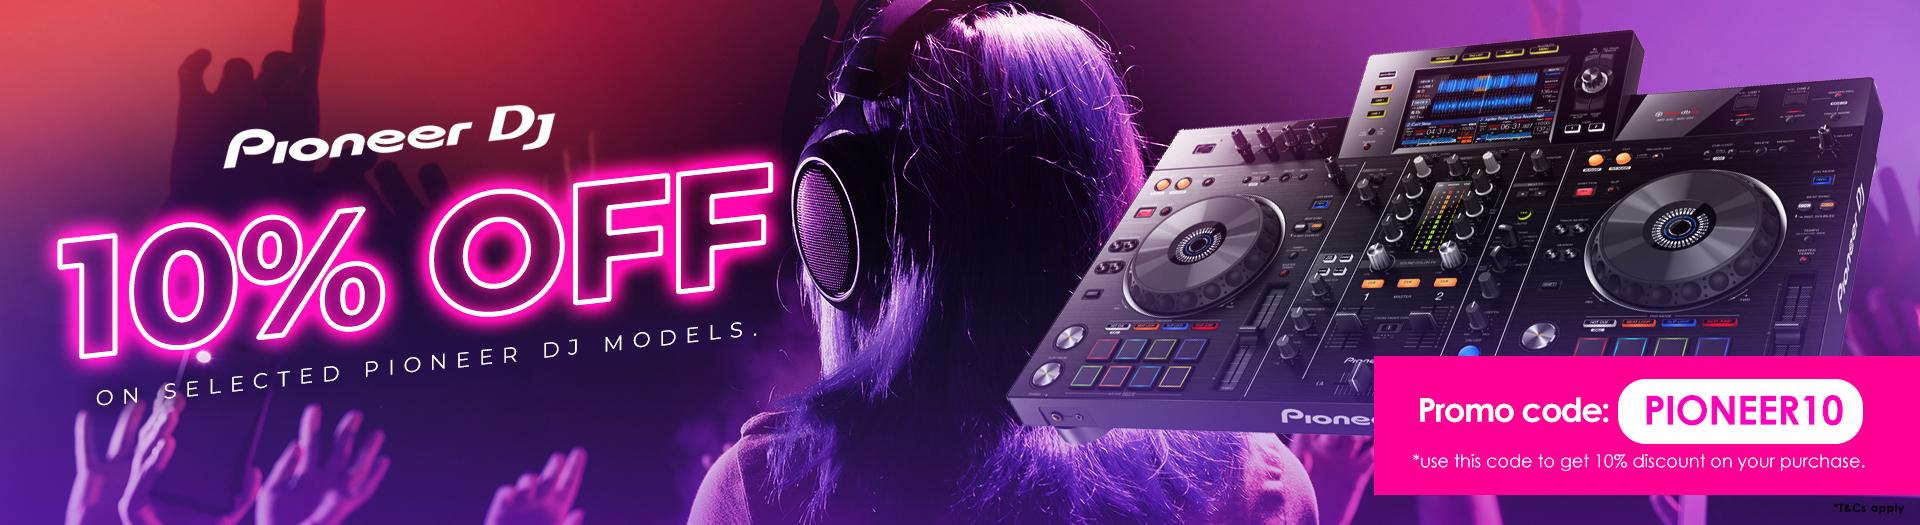 PIONEER DJ equipments 10% OFF